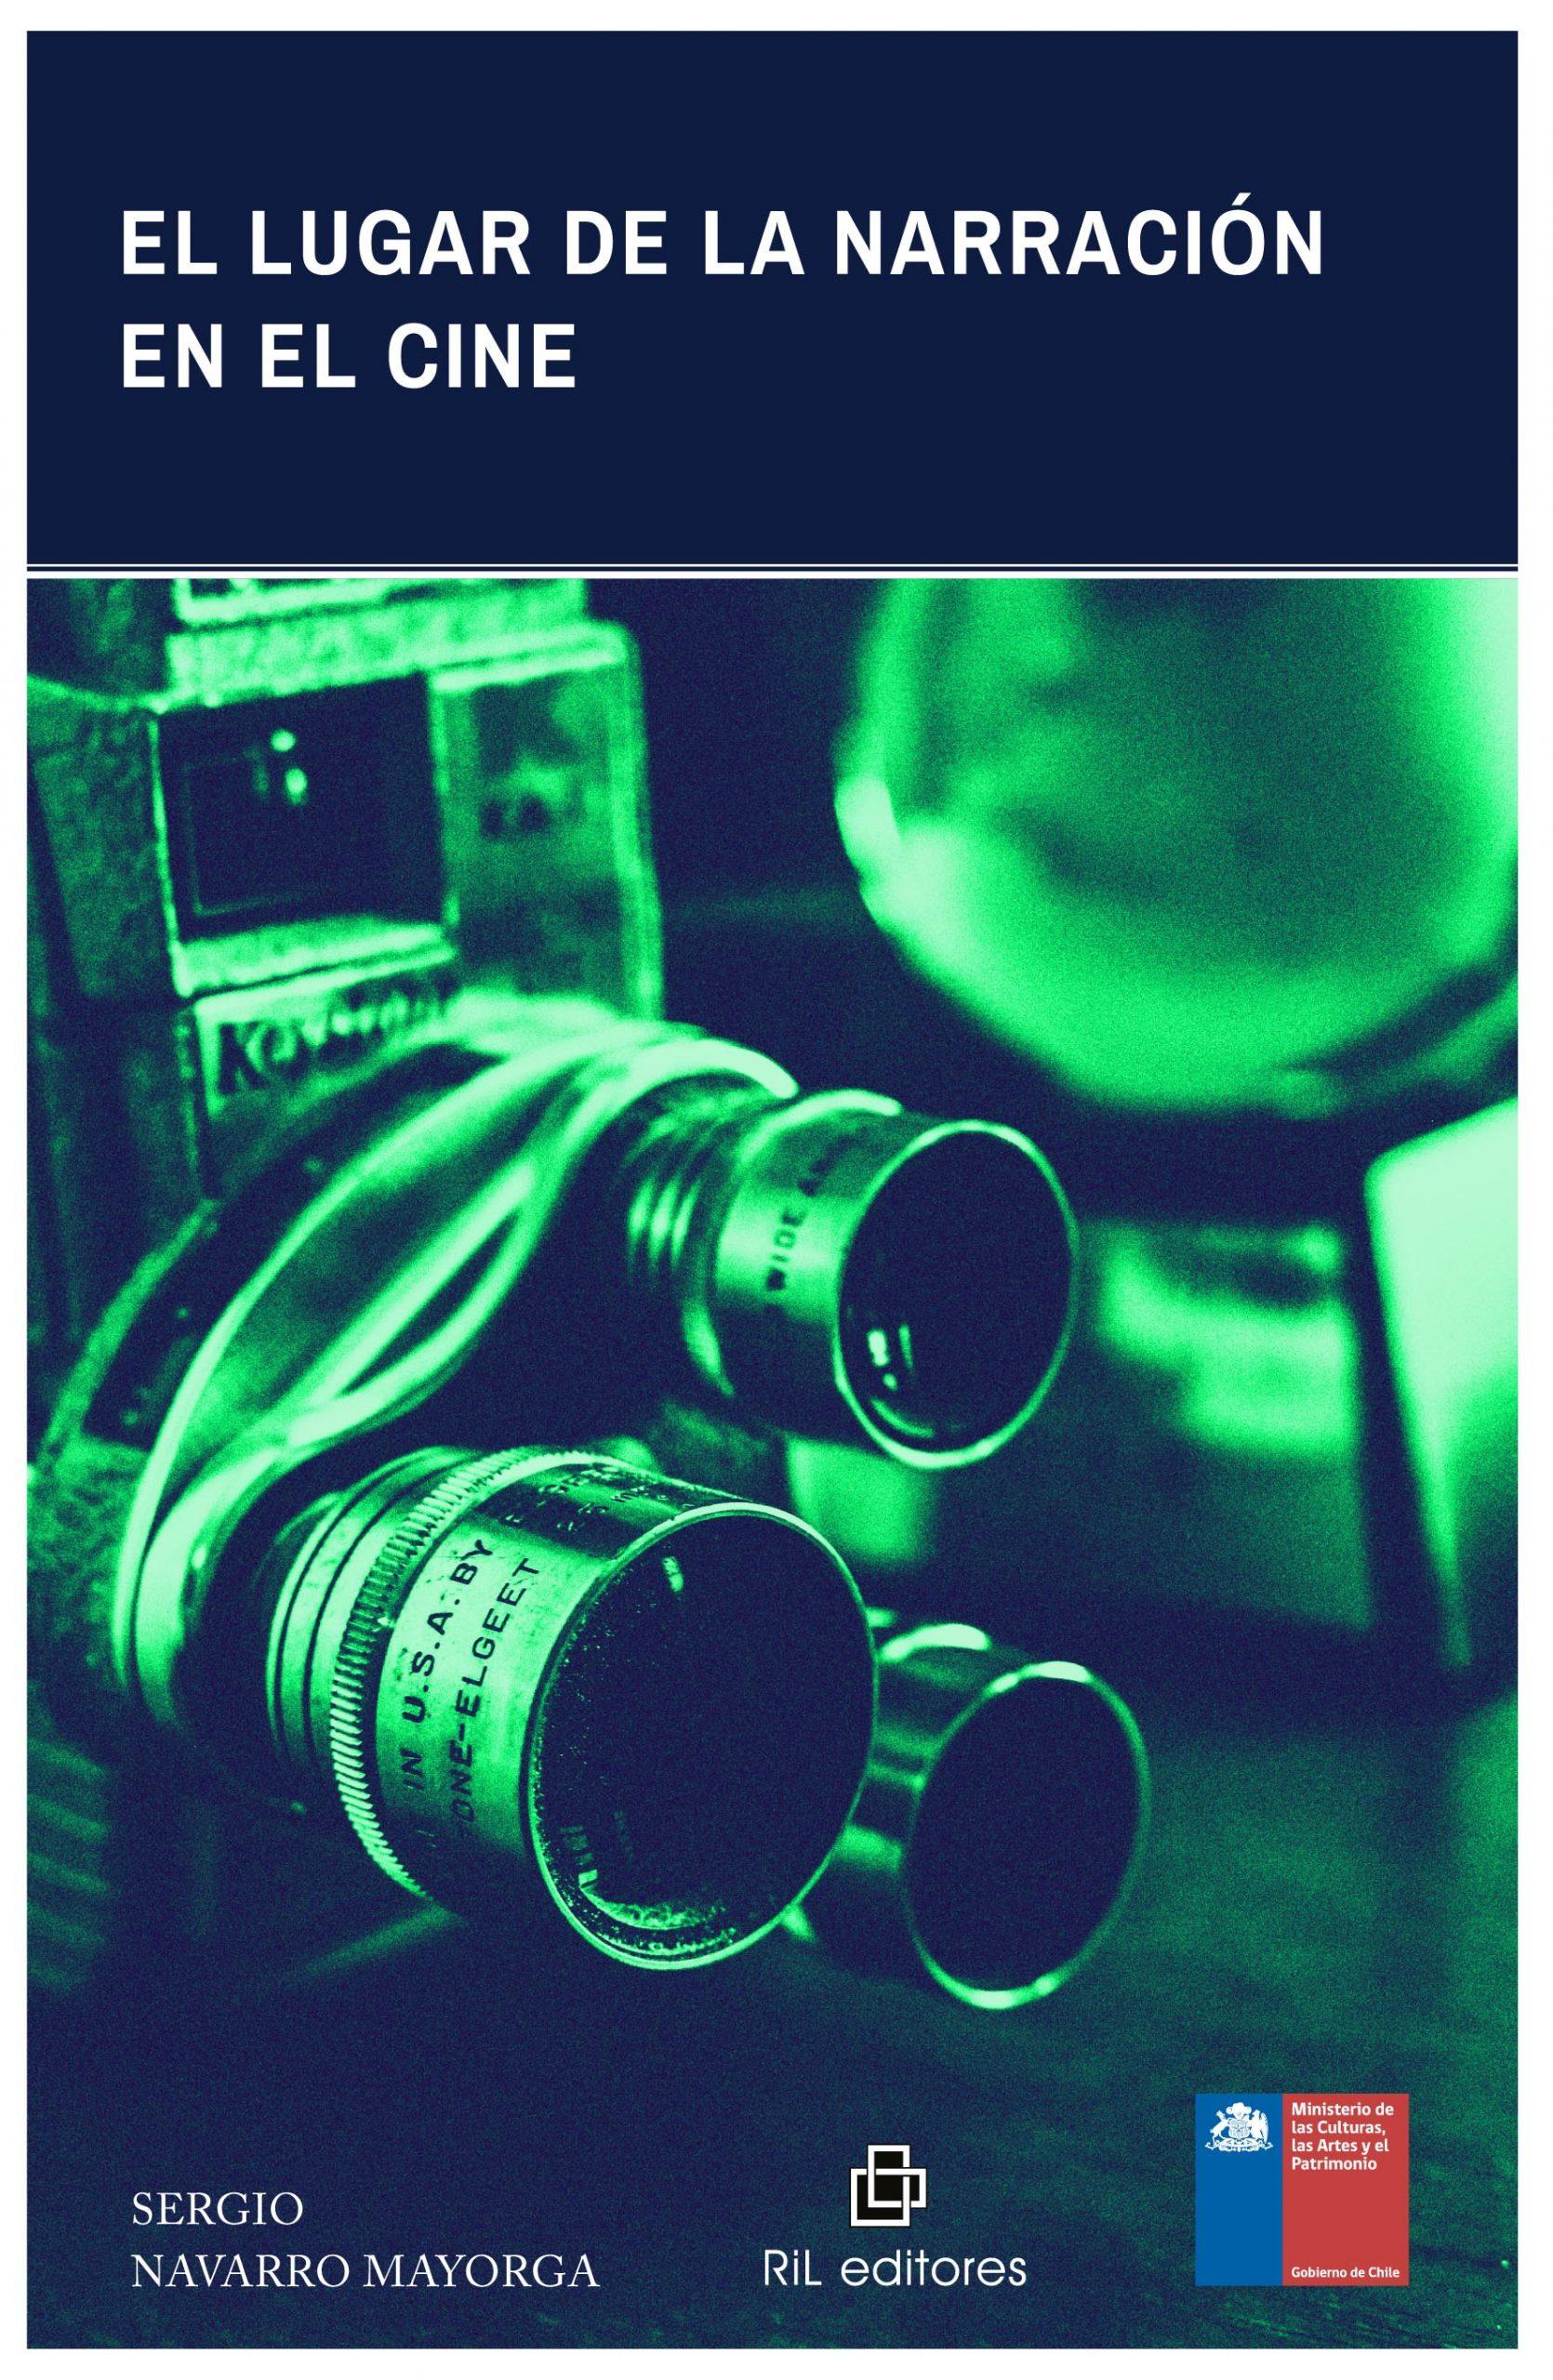 9788418065378 - Navarro - 2021 - El lugar de la narración en el cine-1